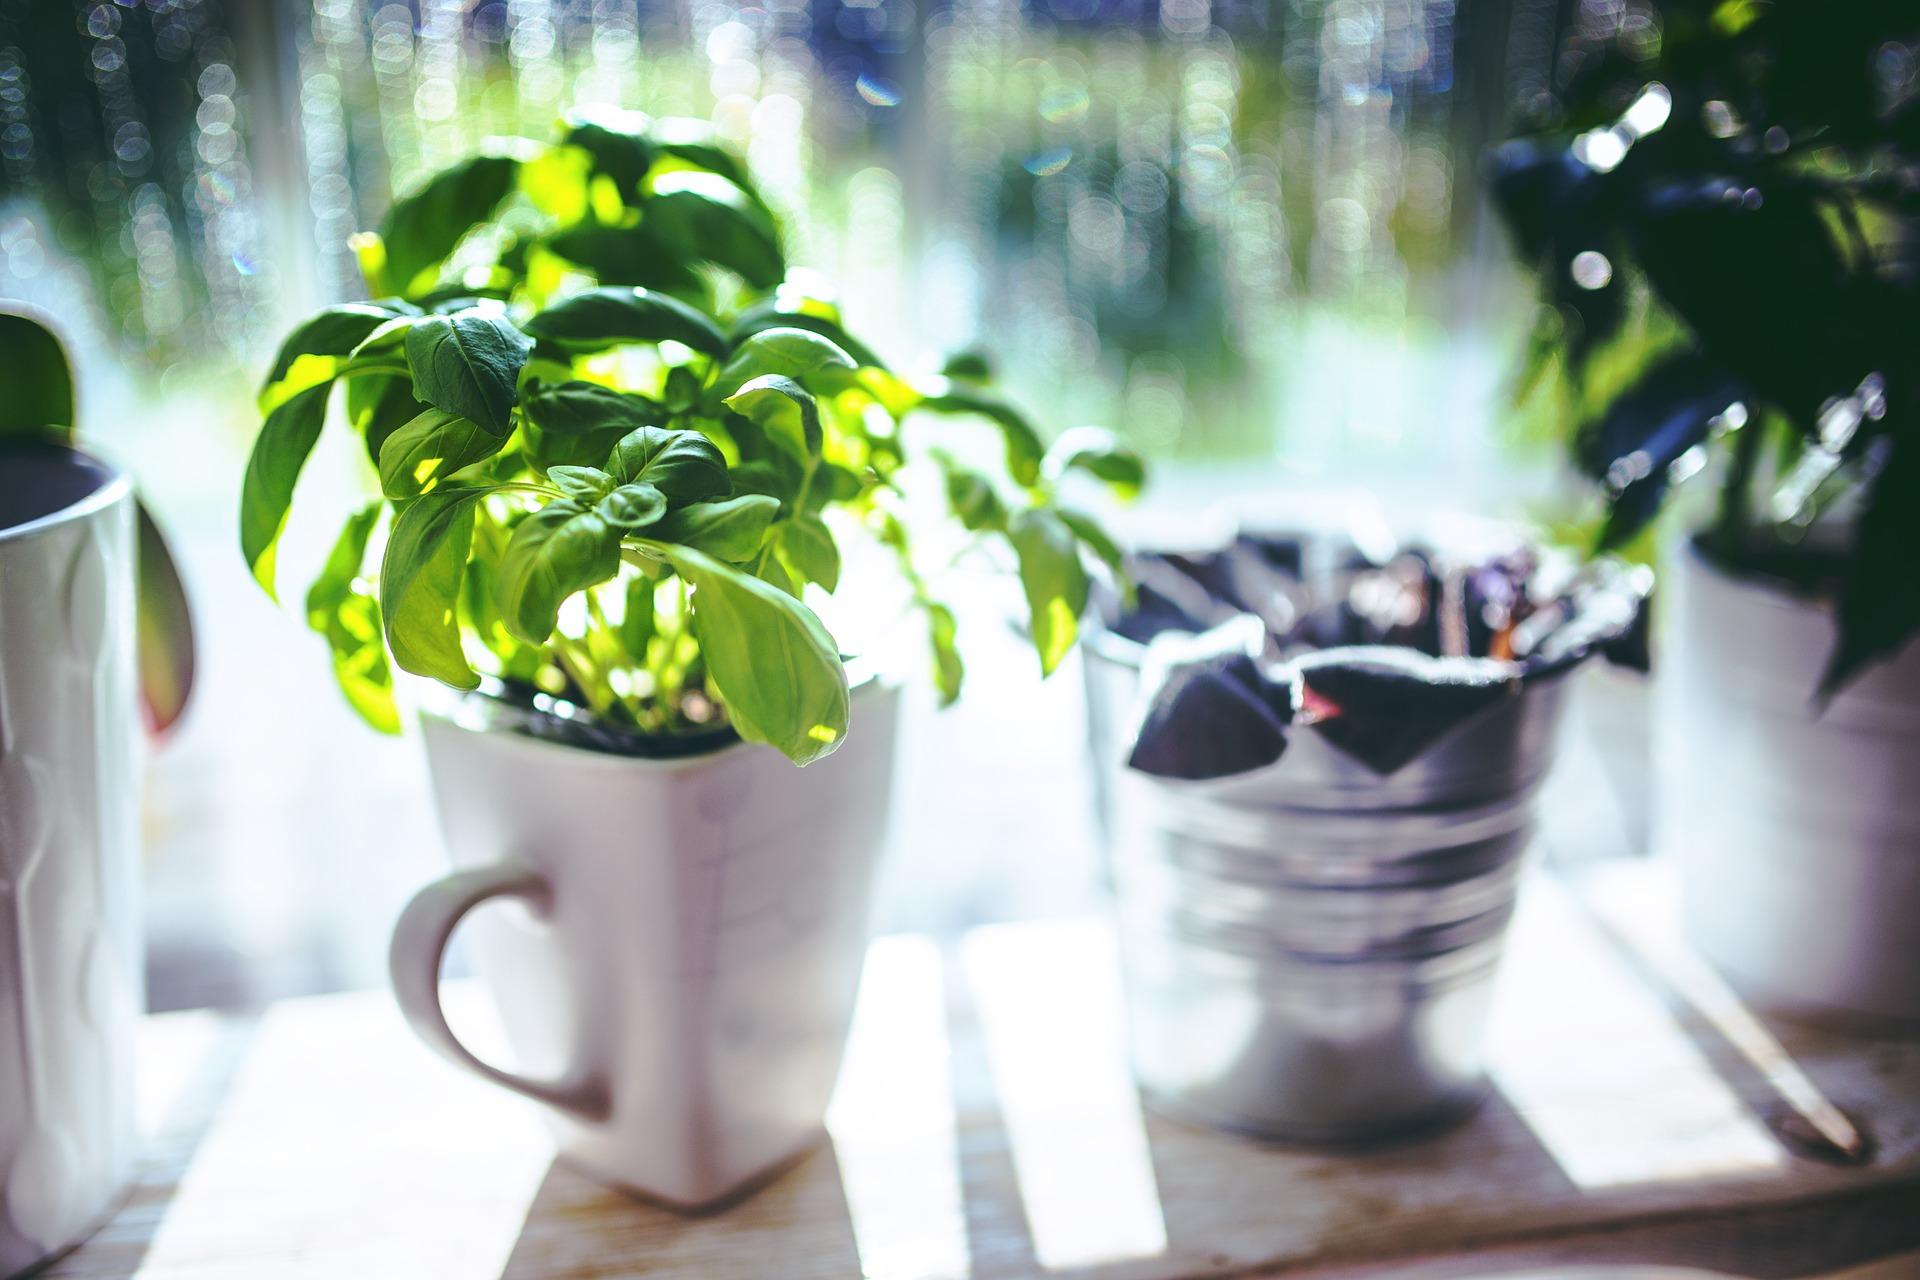 Las plantas: ¿nuestras socias en la salud?